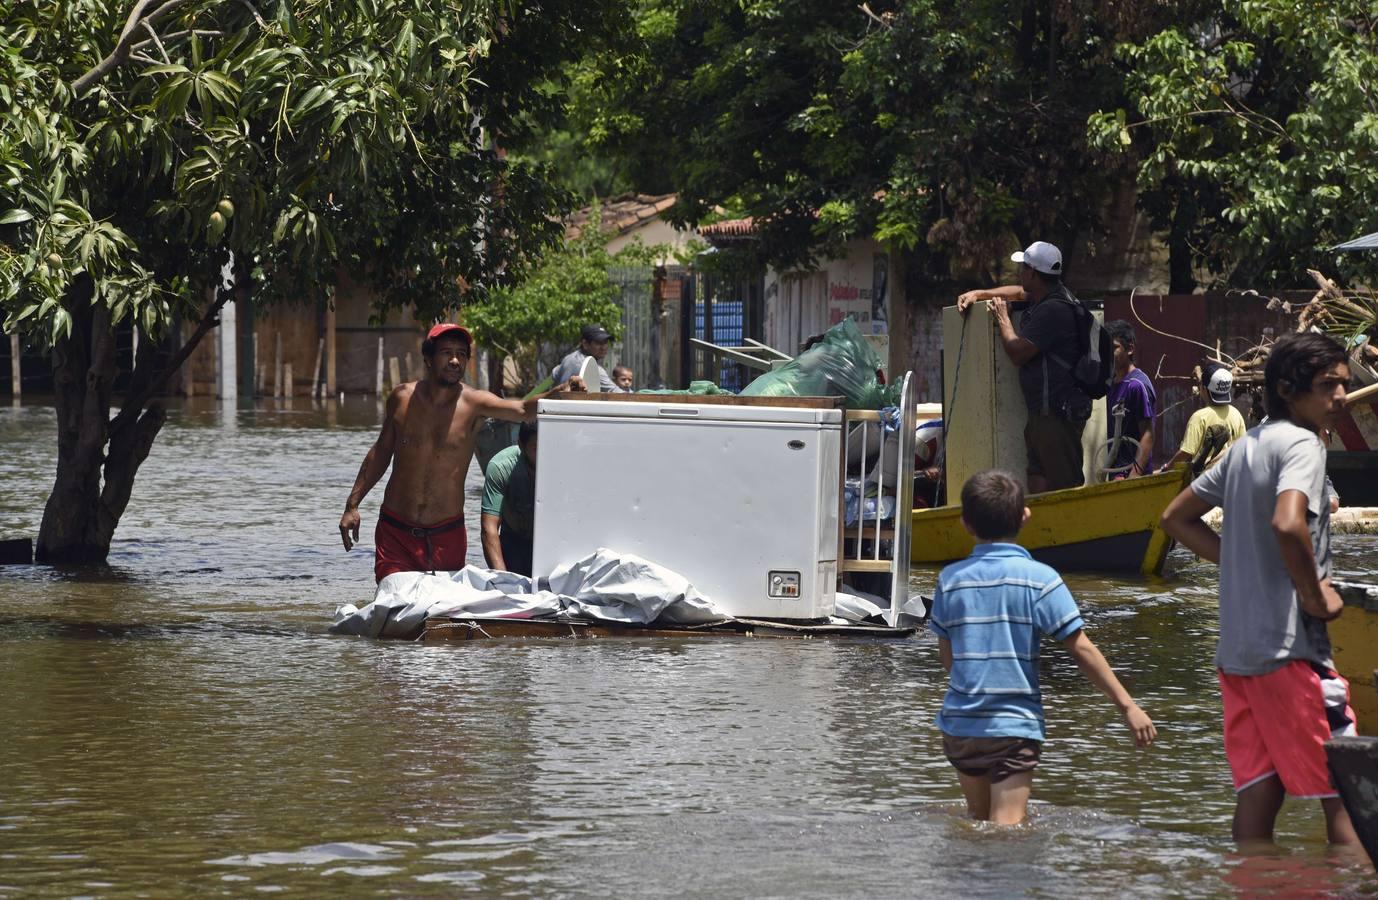 Inundaciones en Asunción, el 20 de diciembre de 2015. AFP PHOTO / NORBERTO DUARTE